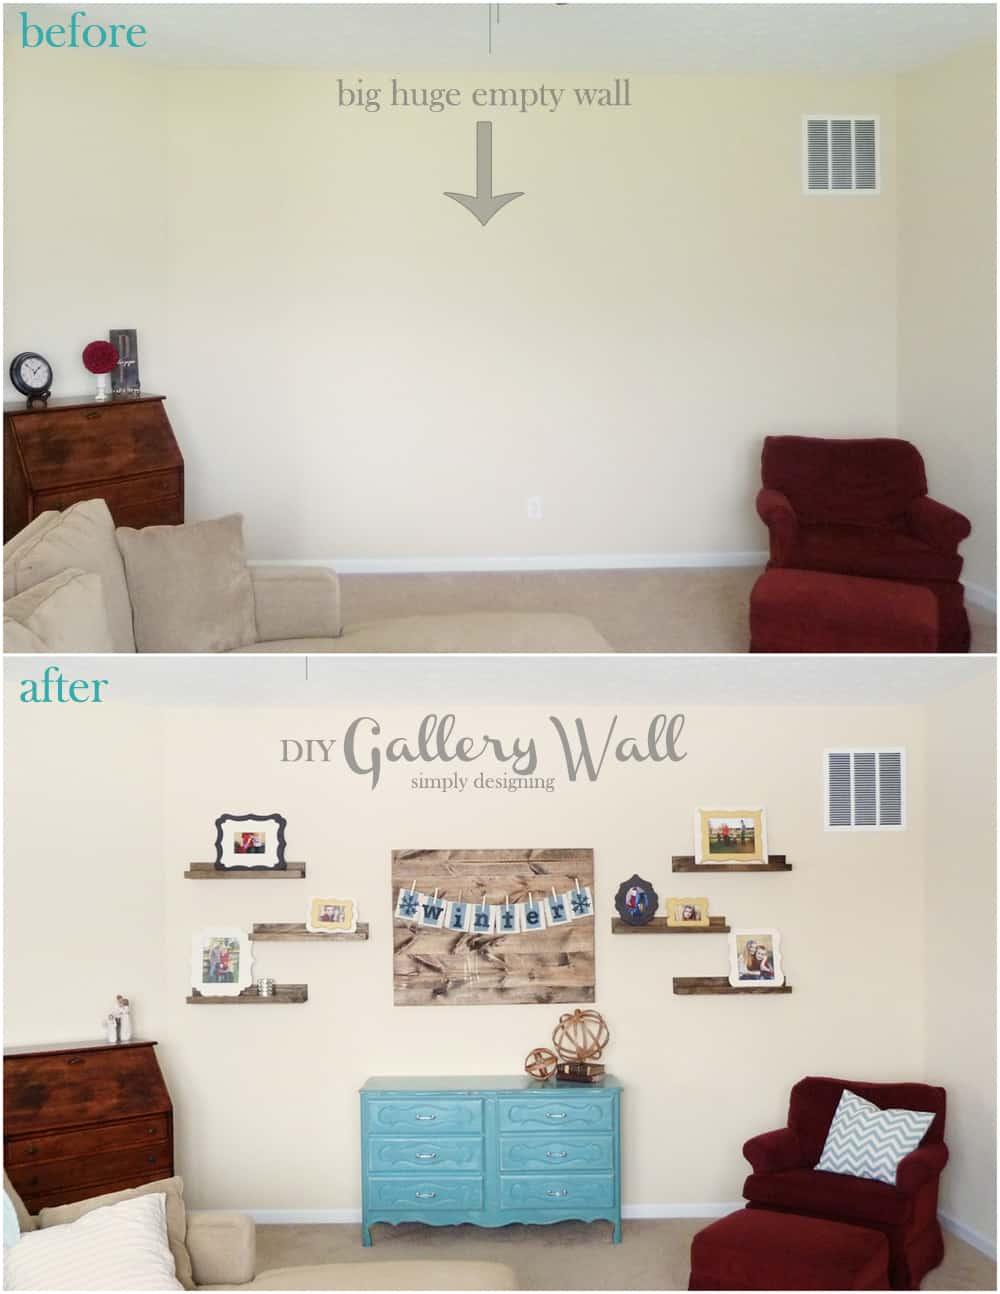 DIY Gallery Wall Reveal | #diy #gallerywall #homedecor